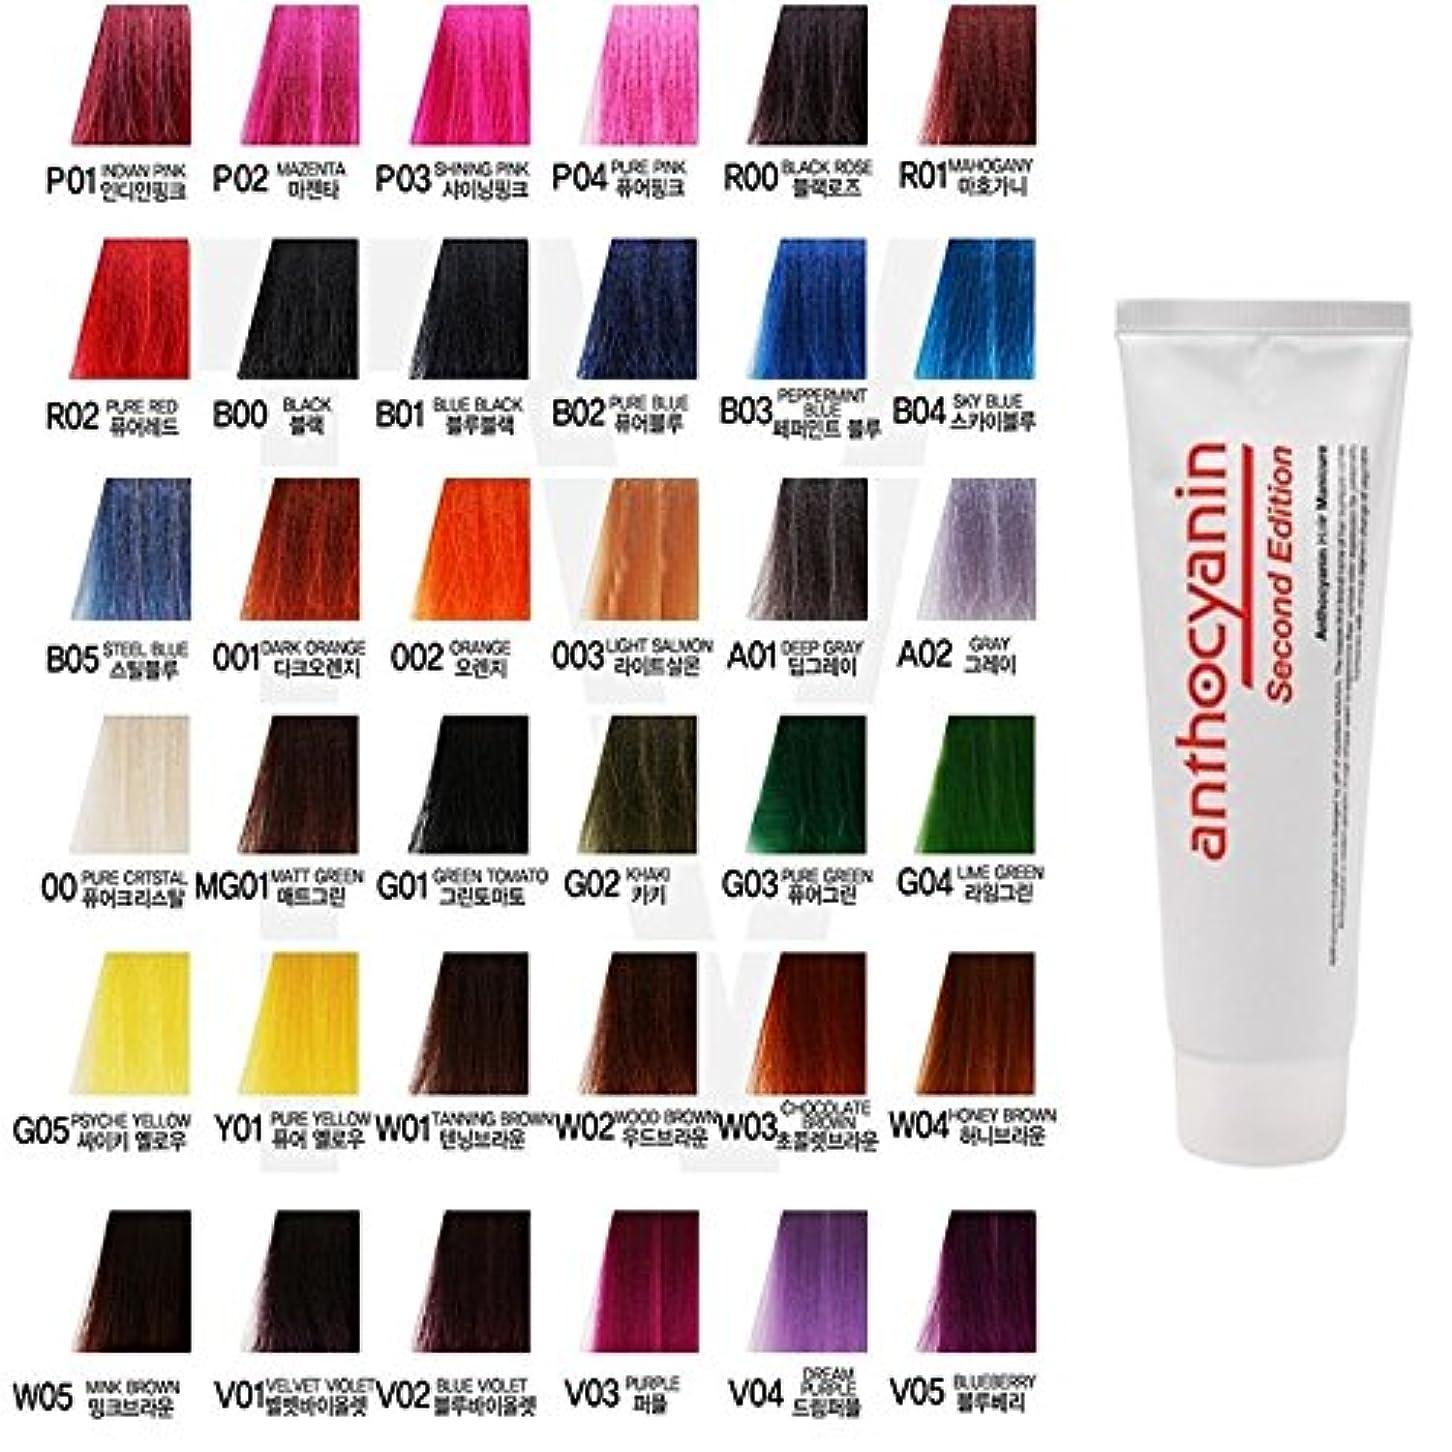 有益状況ヘア マニキュア カラー セカンド エディション 230g セミ パーマネント 染毛剤 ( Hair Manicure Color Second Edition 230g Semi Permanent Hair Dye) [並行輸入品] (A01 Deep Gray)